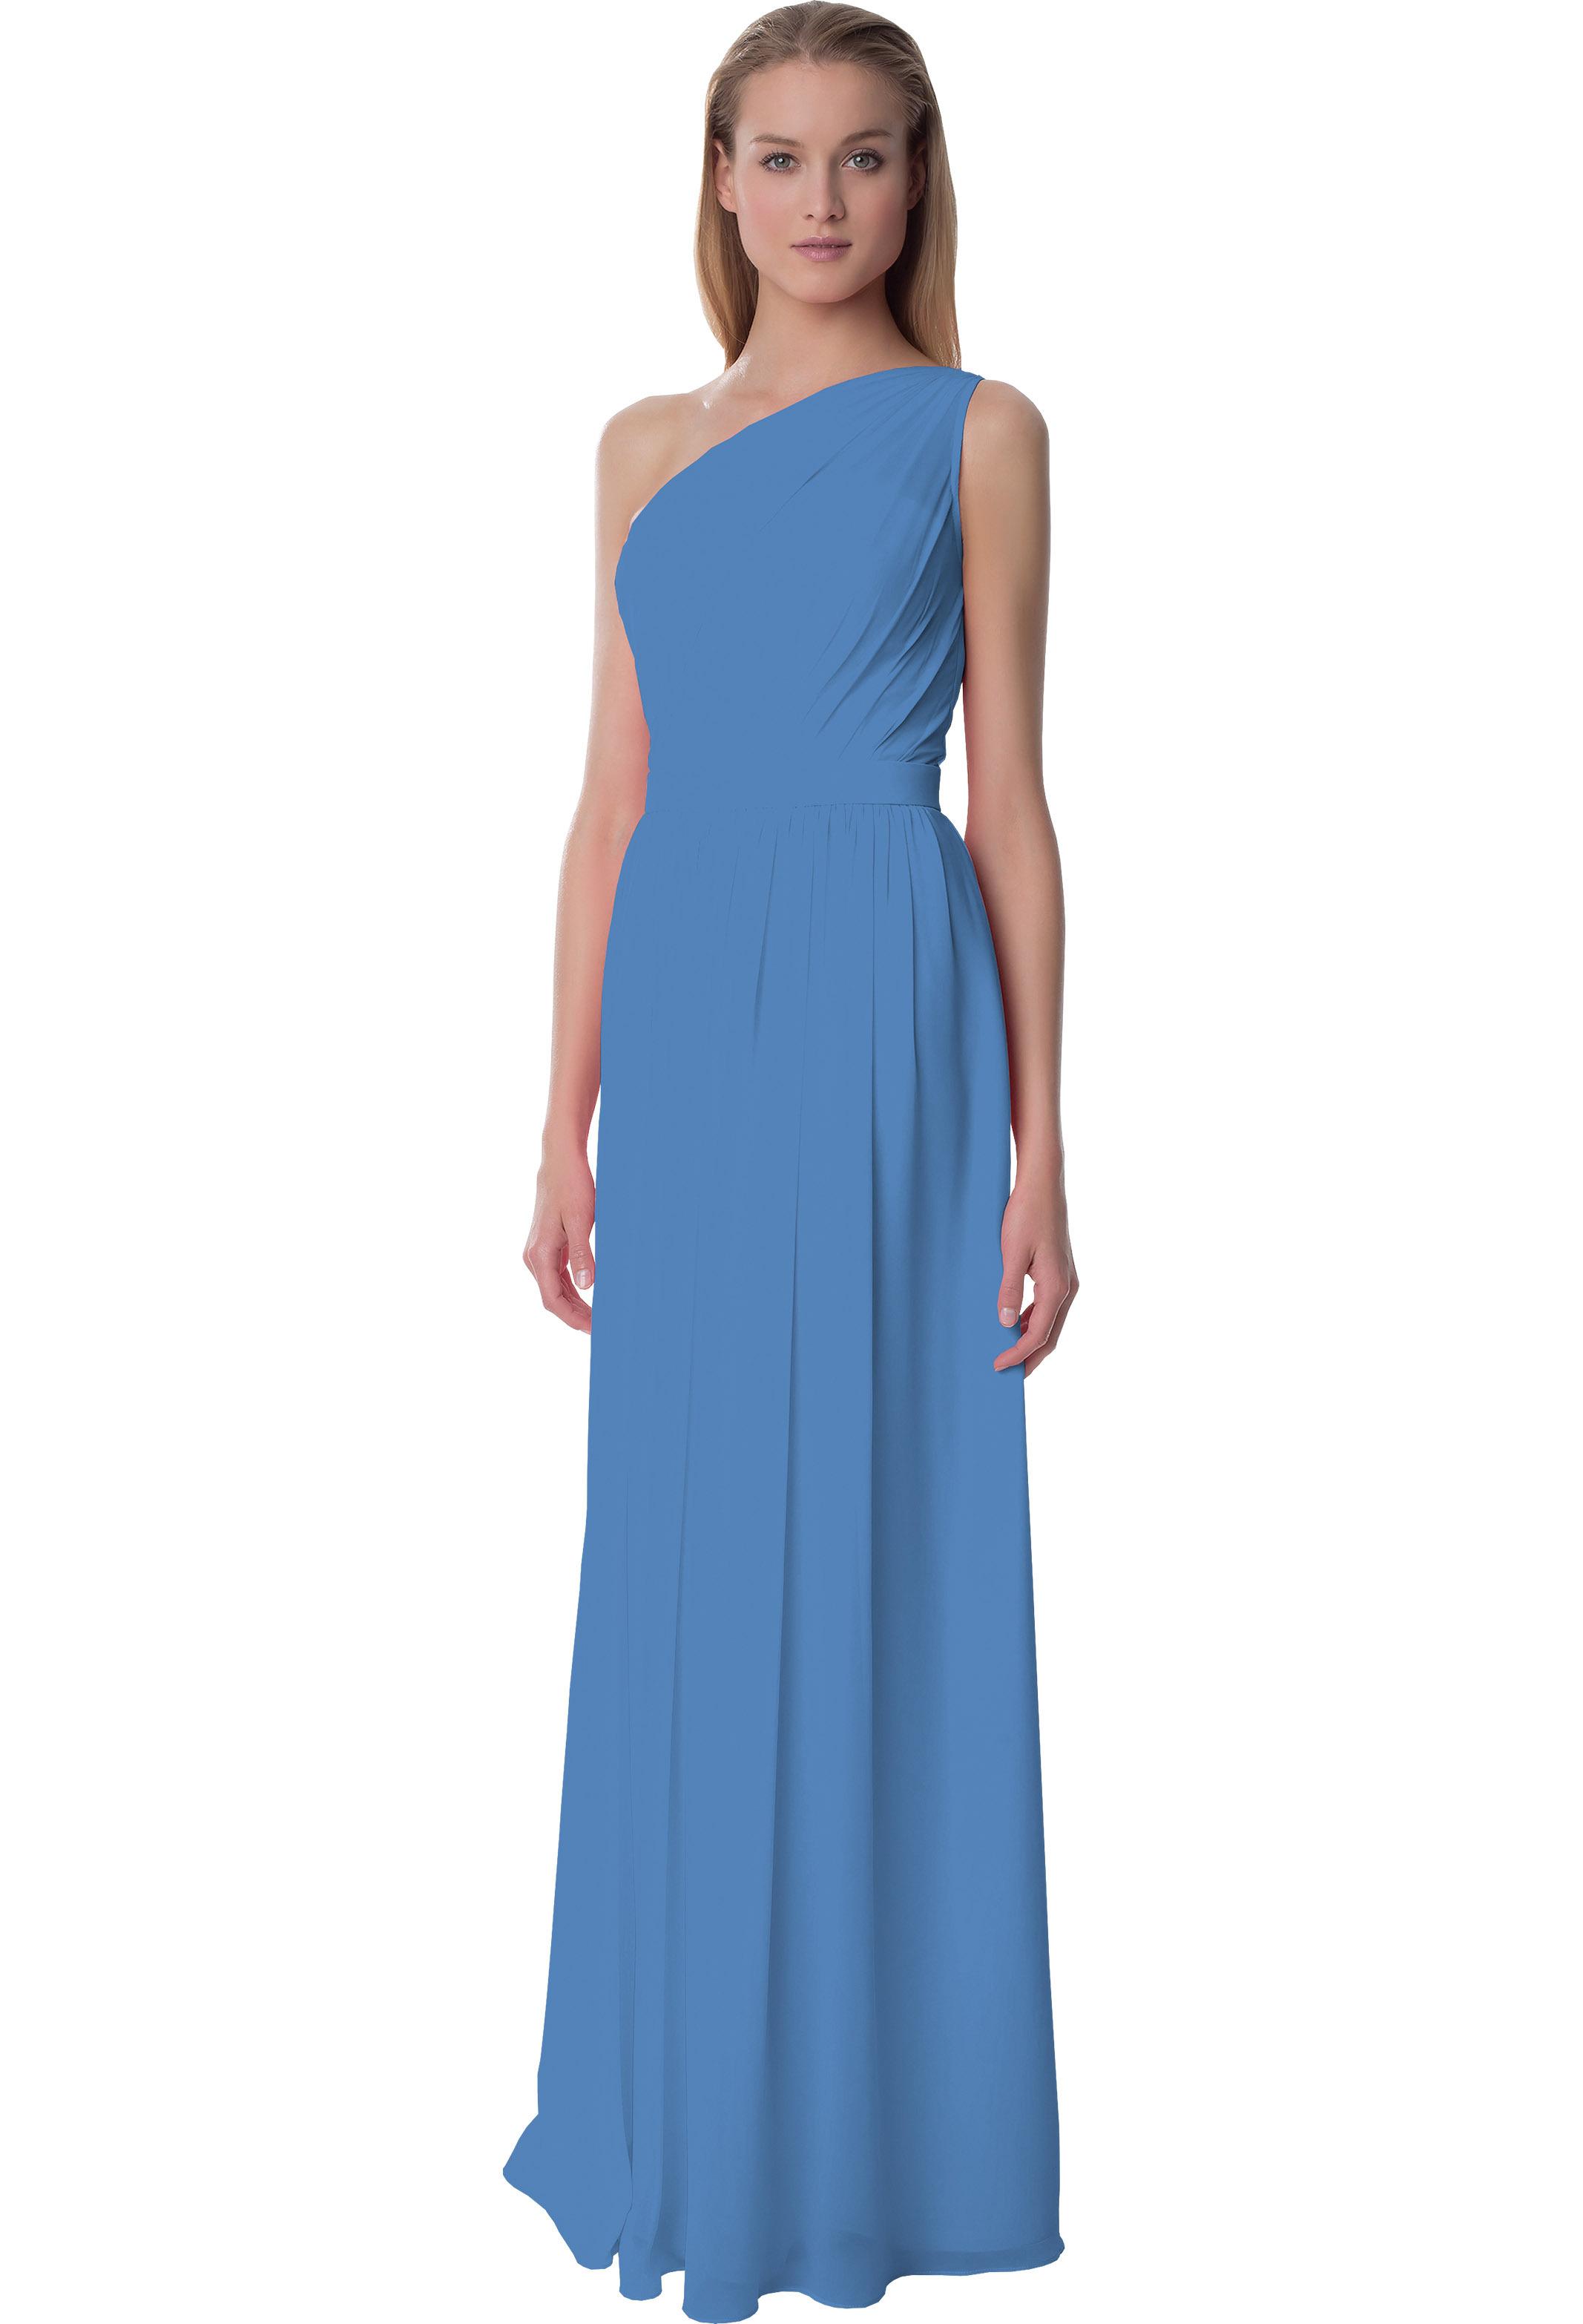 Bill Levkoff CORNFLOWER Chiffon One Shoulder A-line gown, $220.00 Front